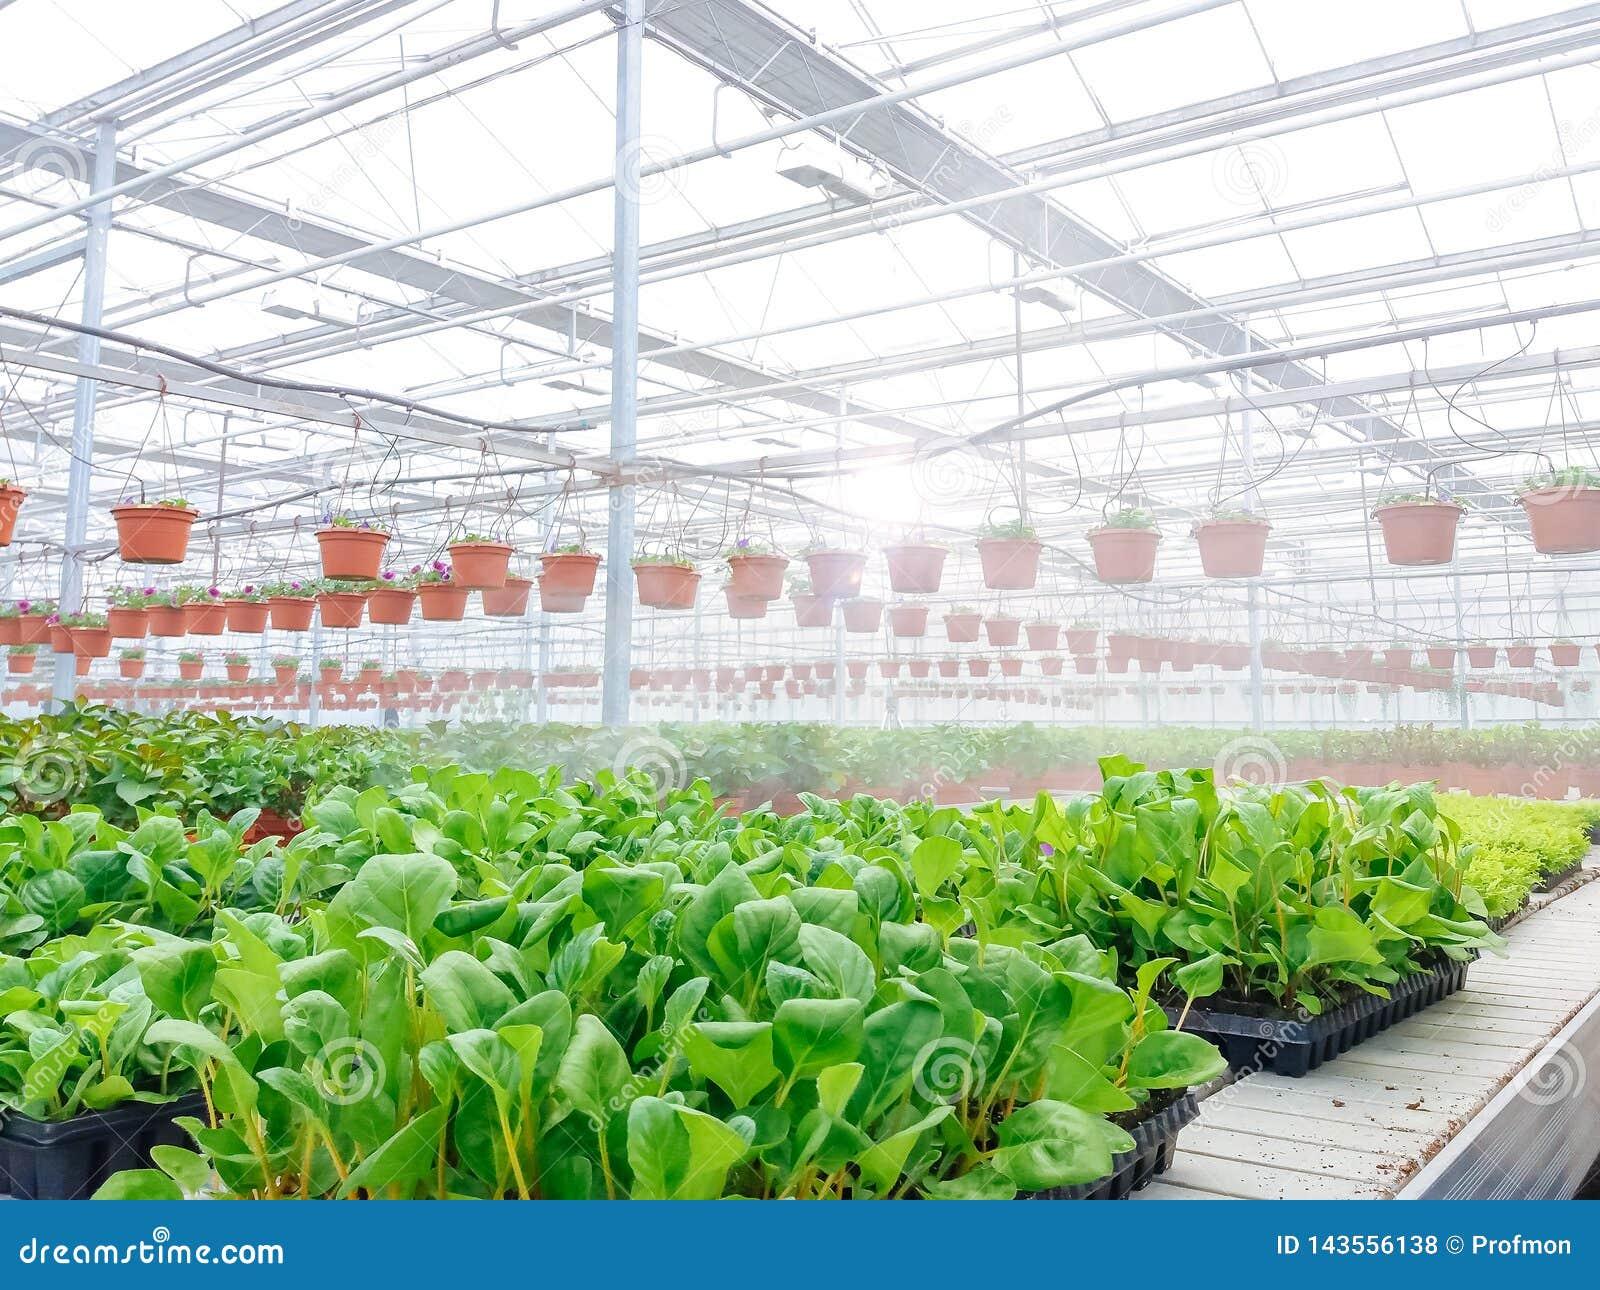 Odlat dekorativt växa för blommor i en kommersiell plactic folie täckte trädgårdsnäringväxthuset